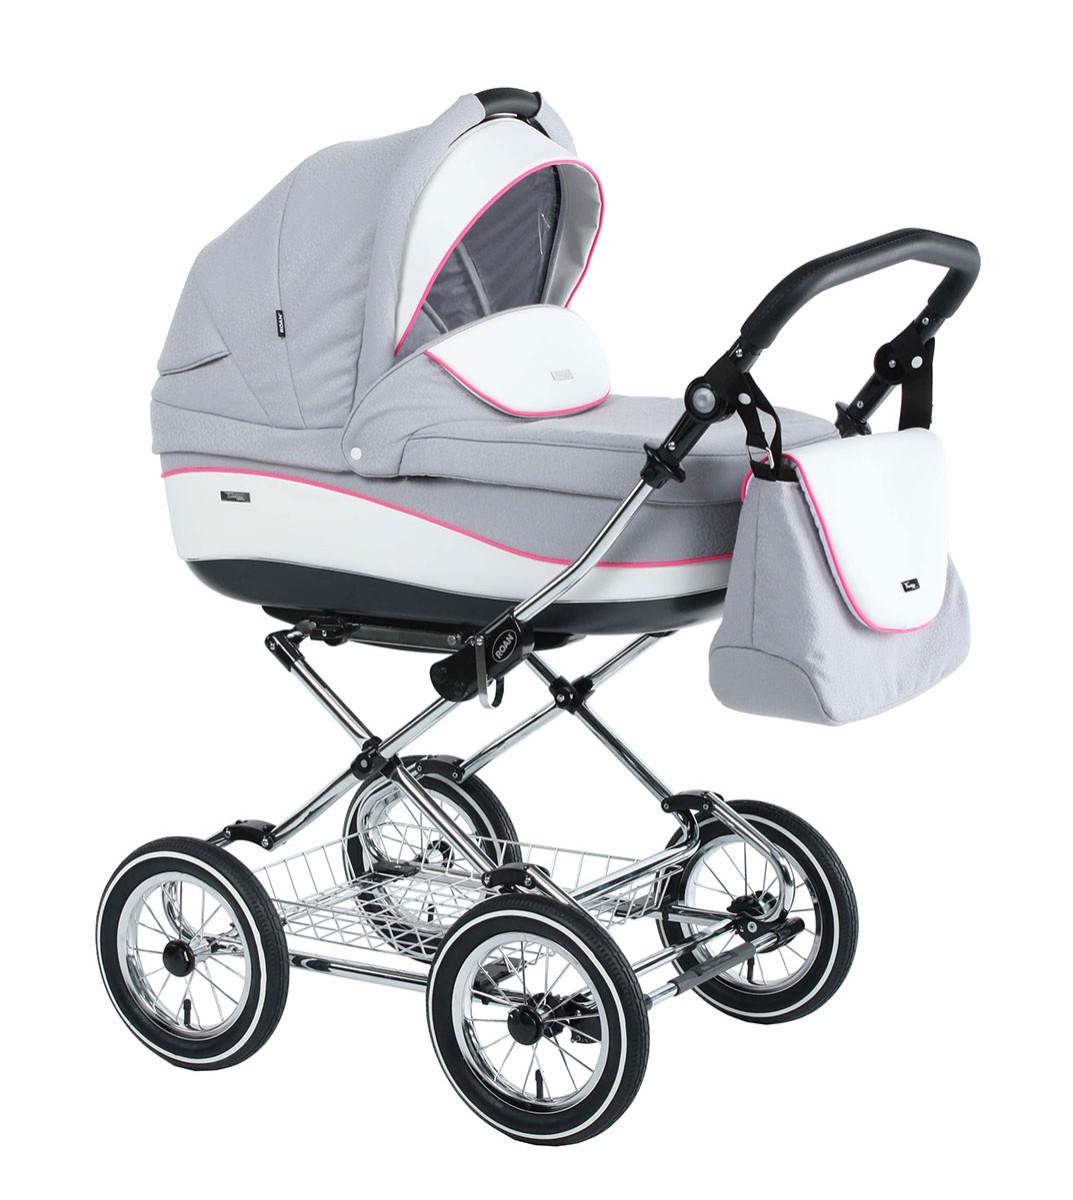 Детская коляска для новорожденных 3 в 1, Roan Emma - Роан Эмма, самая модная коляска для новорожденных, модные коляски, купить коляску для новорожденного, детские коляски роан, детские коляски roan, Roan Emma, цвет RP7